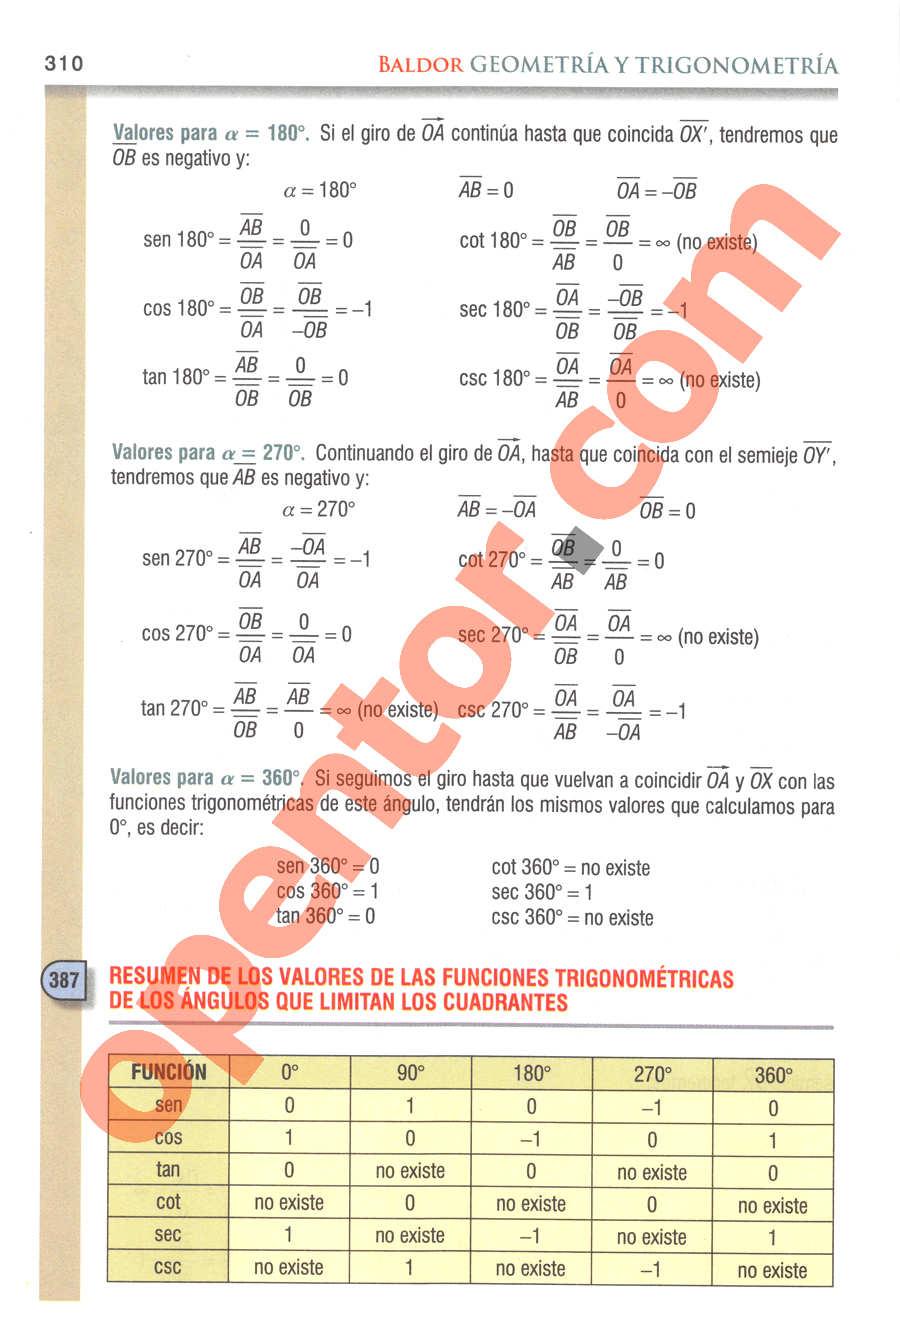 Geometría y Trigonometría de Baldor - Página 310